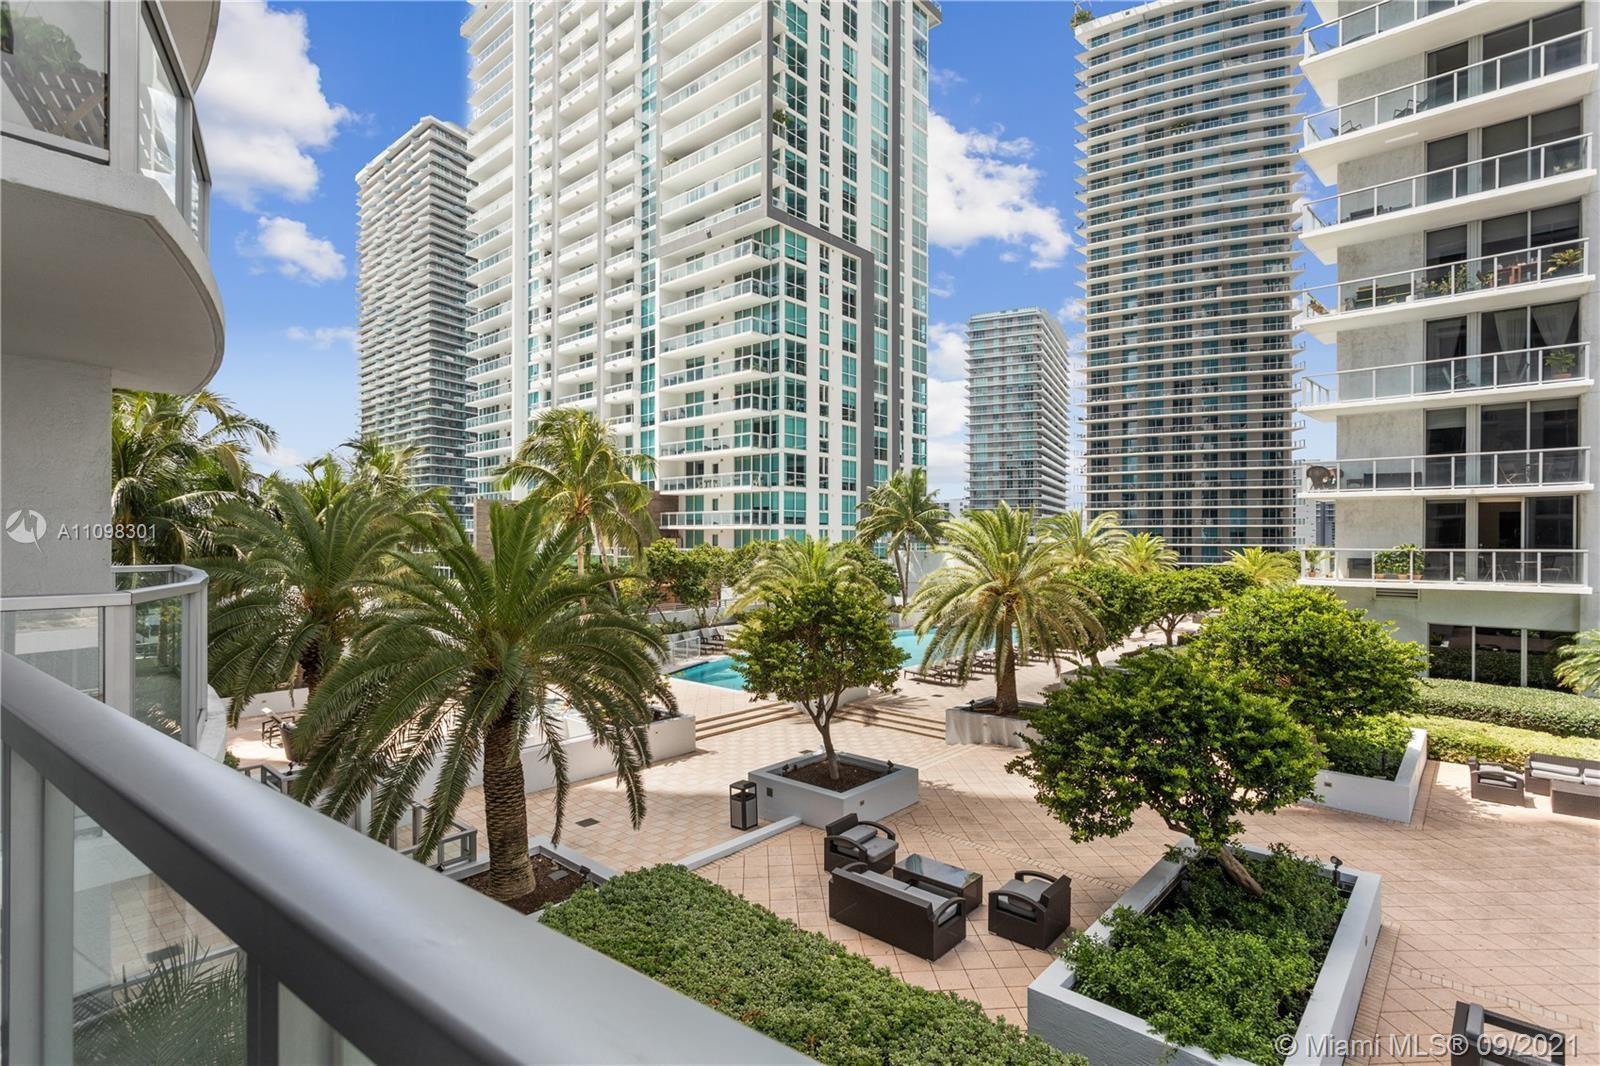 1060 Brickell Ave #1417, Miami, FL 33131 - #: A11098301